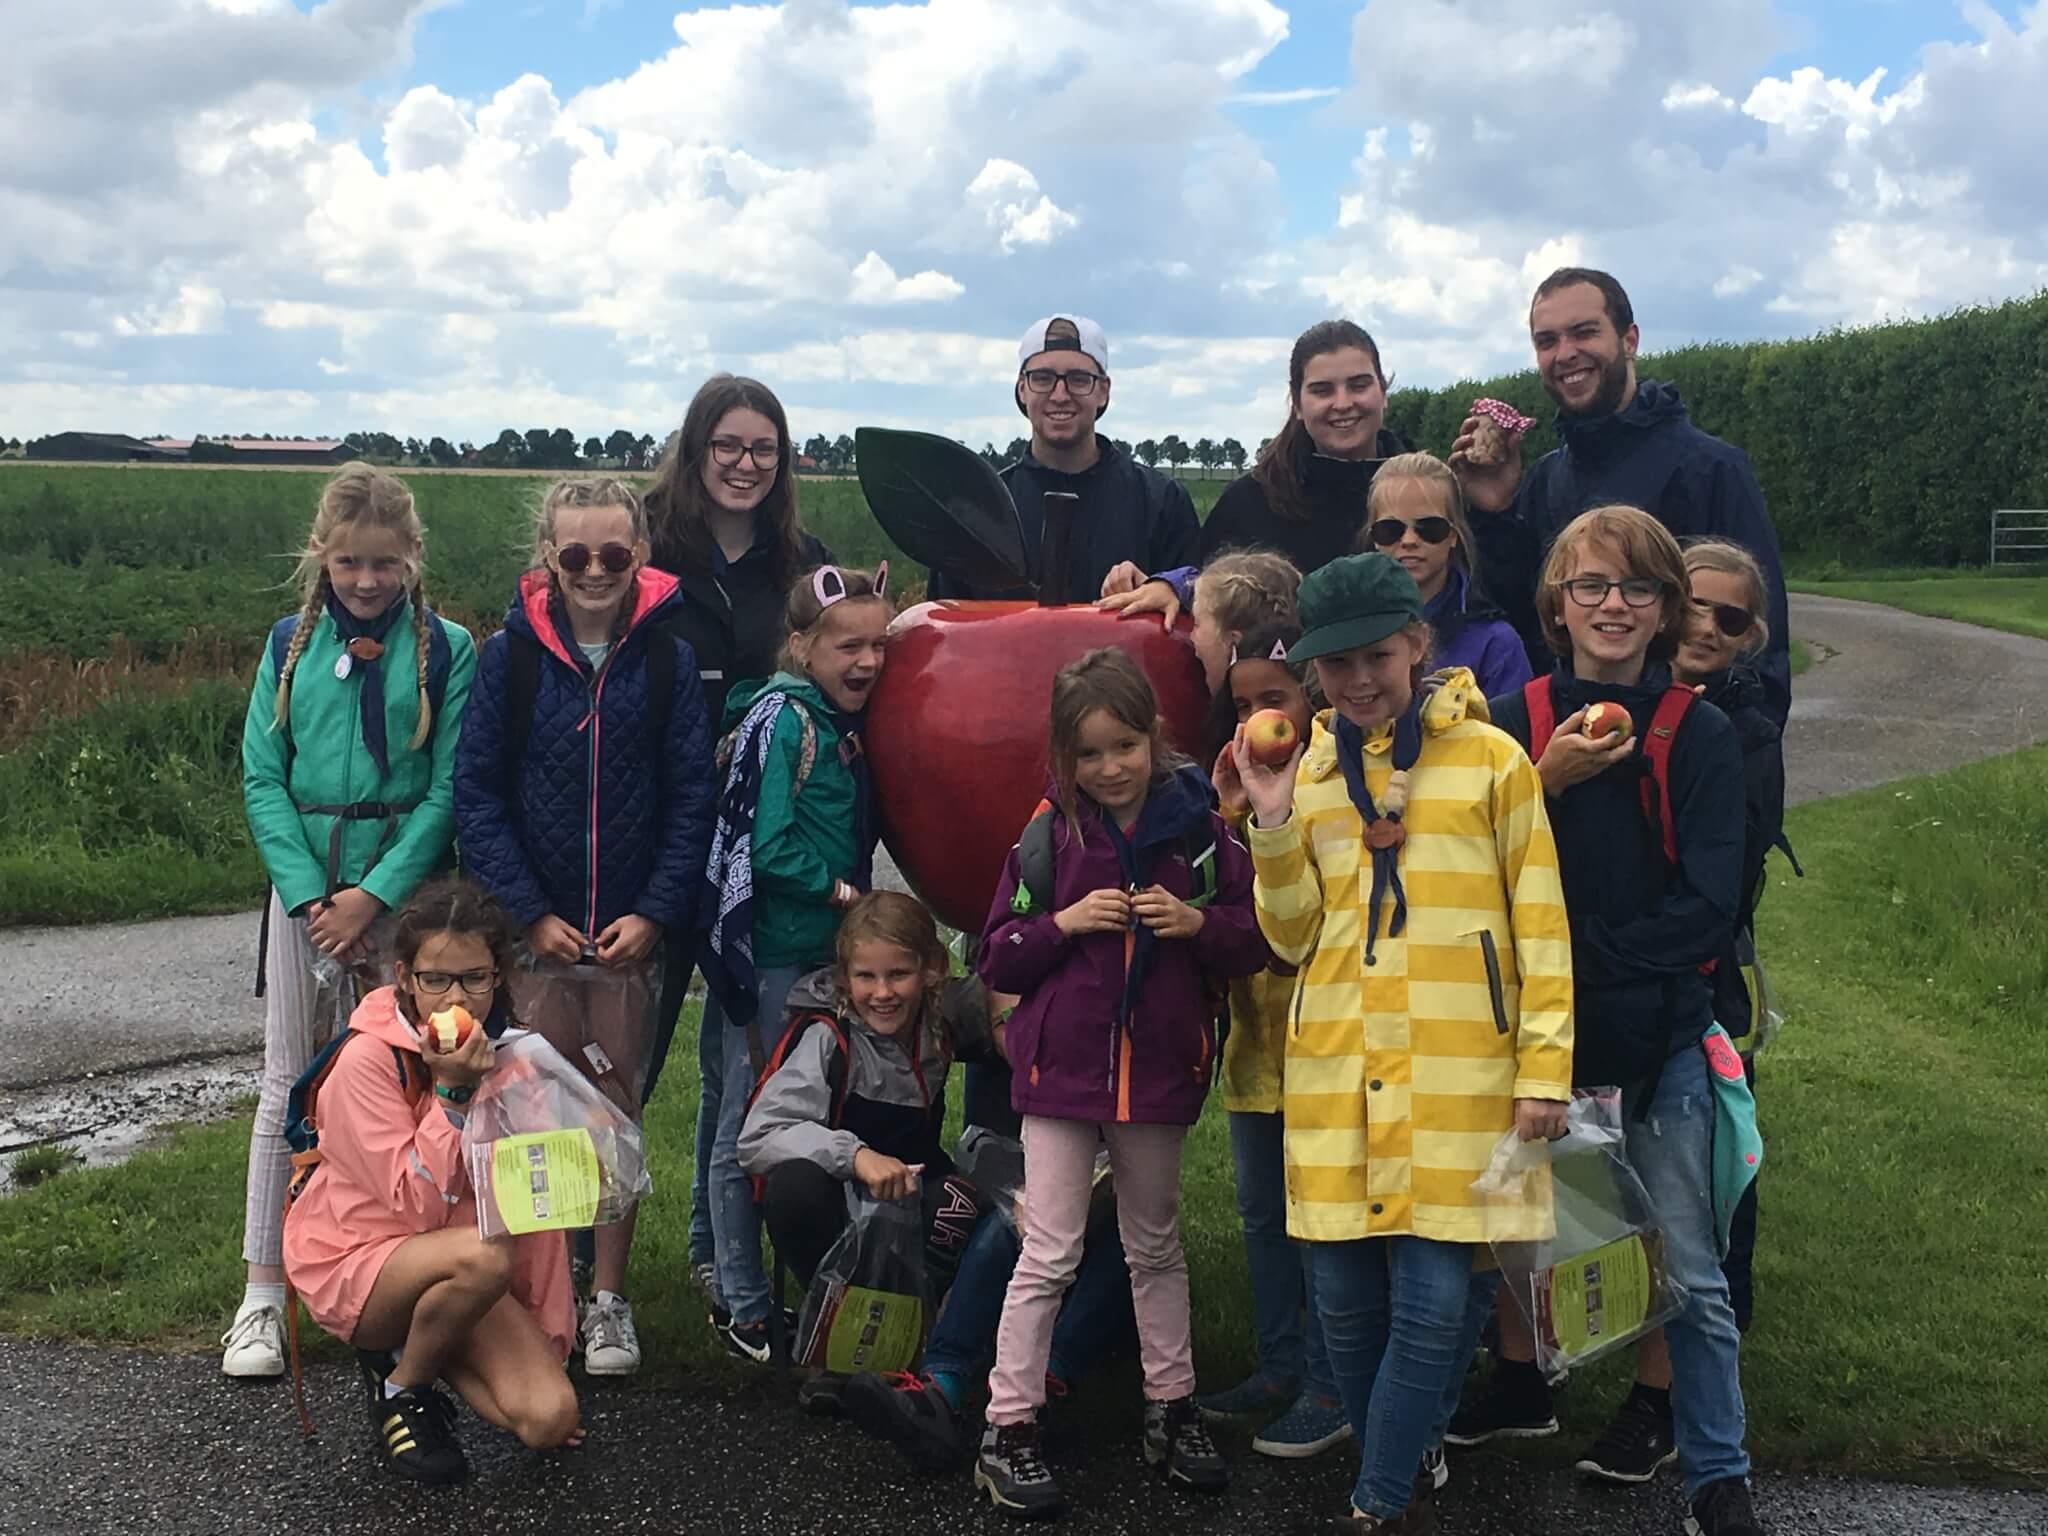 Fruitbedrijf-Van-den-Berge_scouting